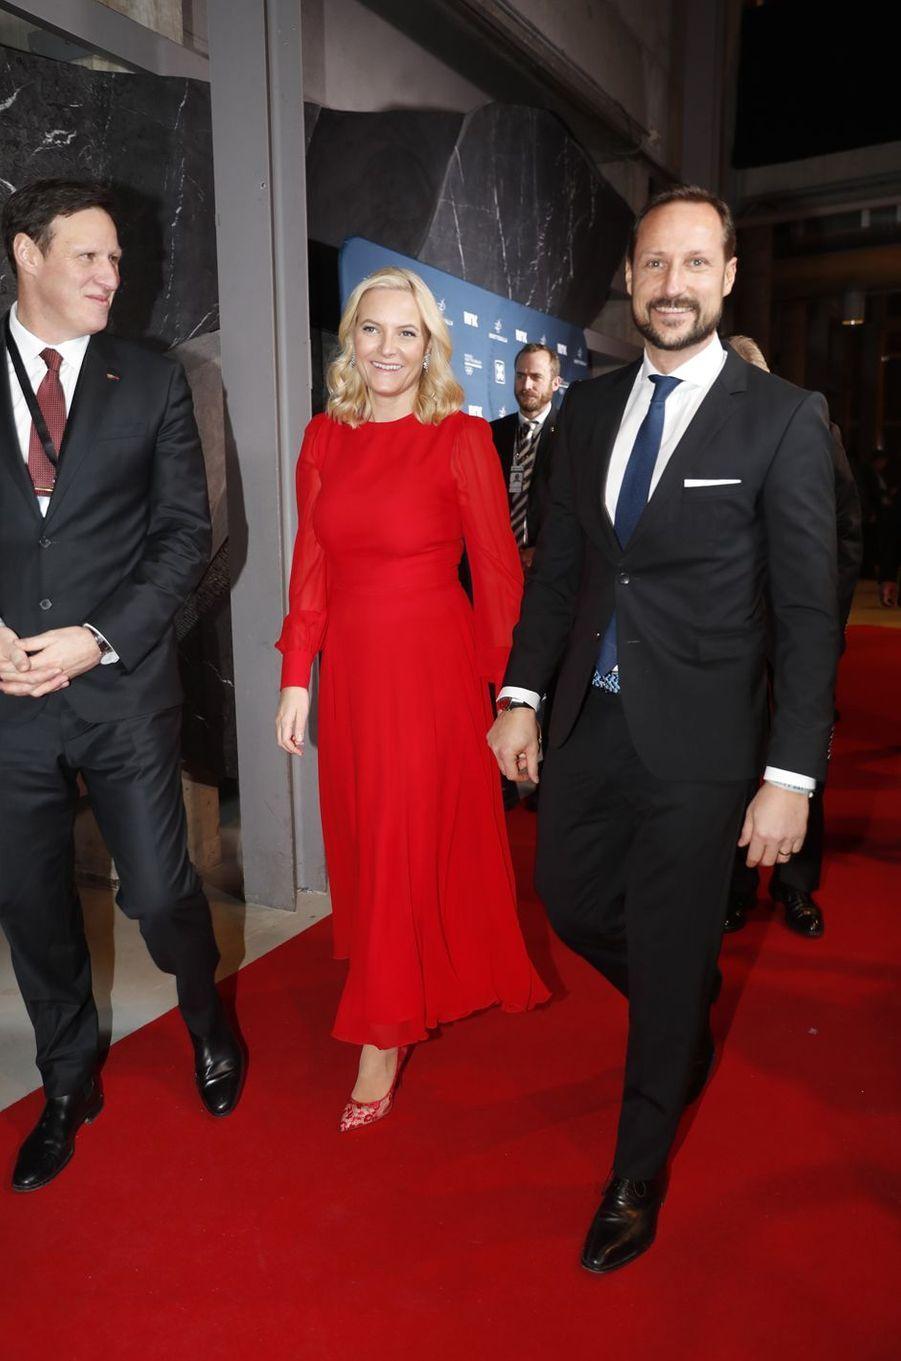 La princesse Mette-Marit, dans un look écarlate, et le prince Haakon de Norvège à Hamar, le 6 janvier 2018